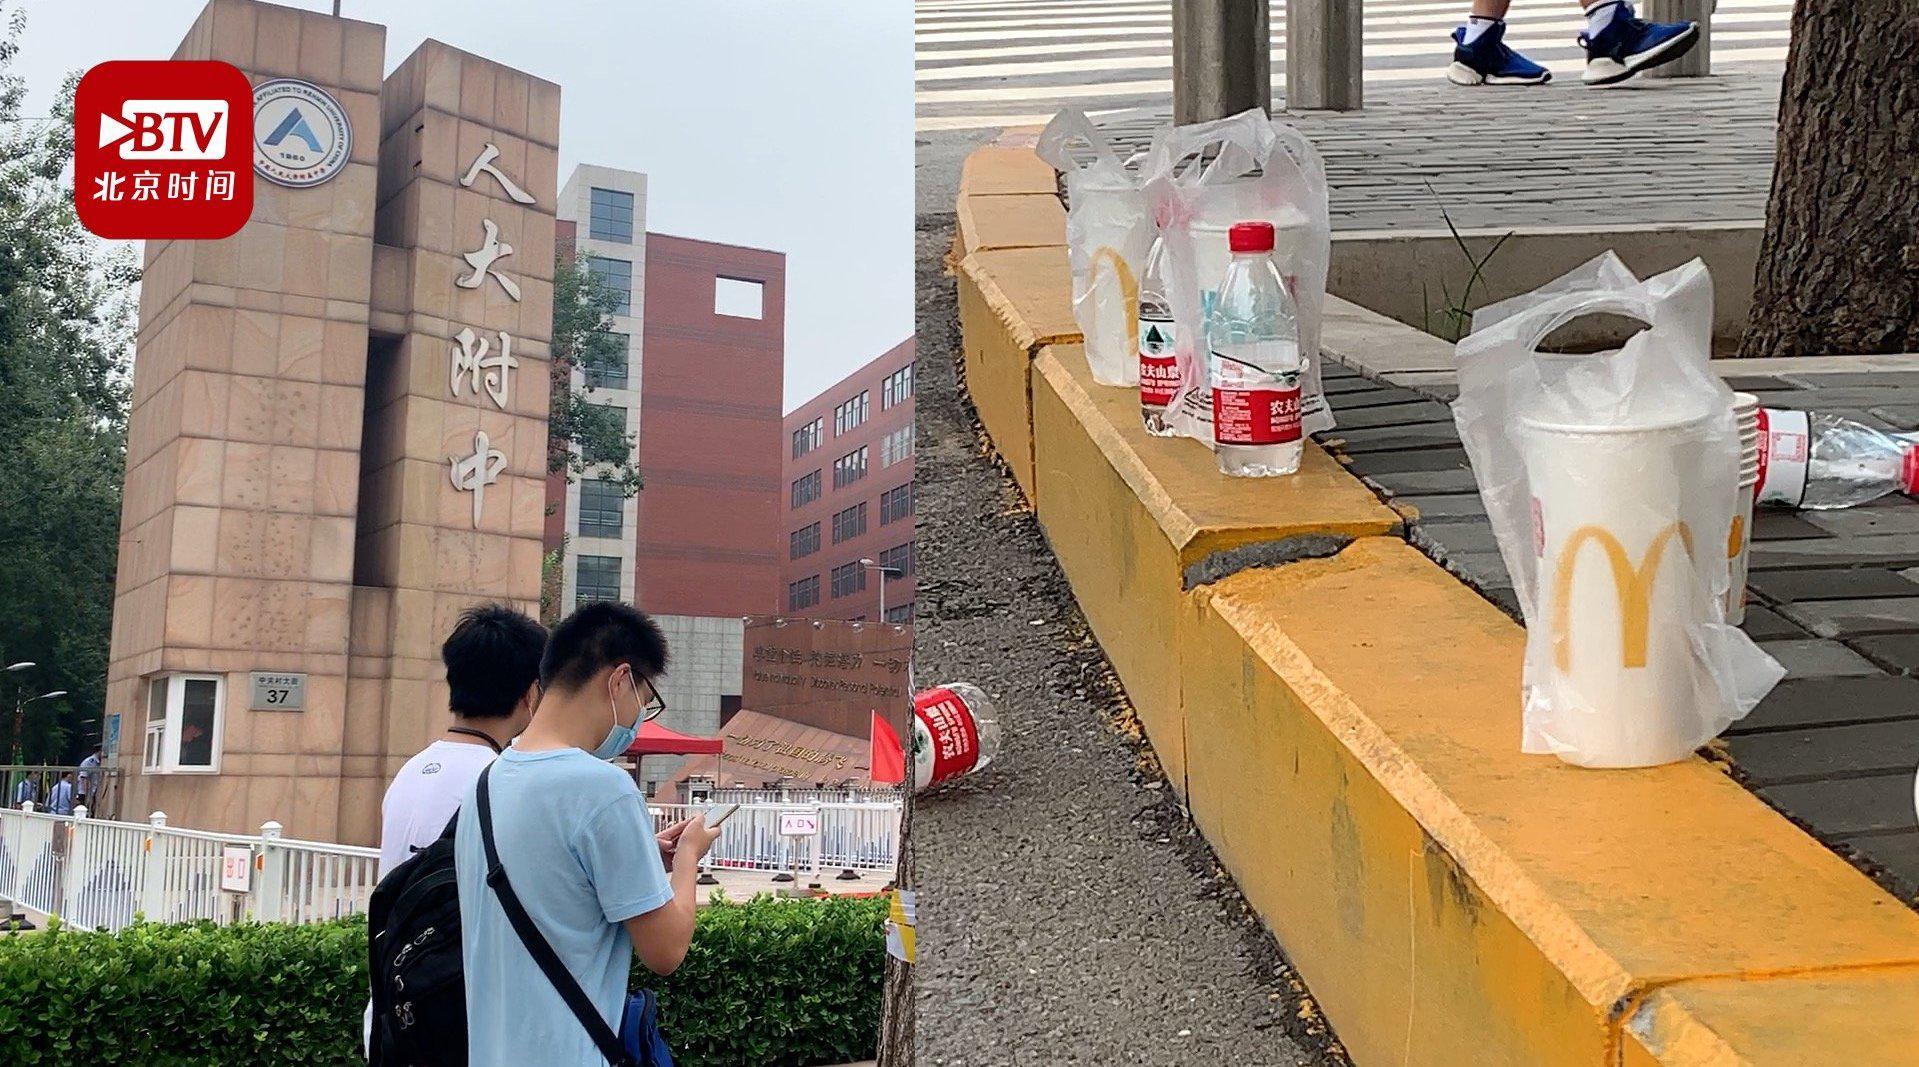 """北京一高考结束考点门前满地垃圾 市民直呼""""不应该"""""""